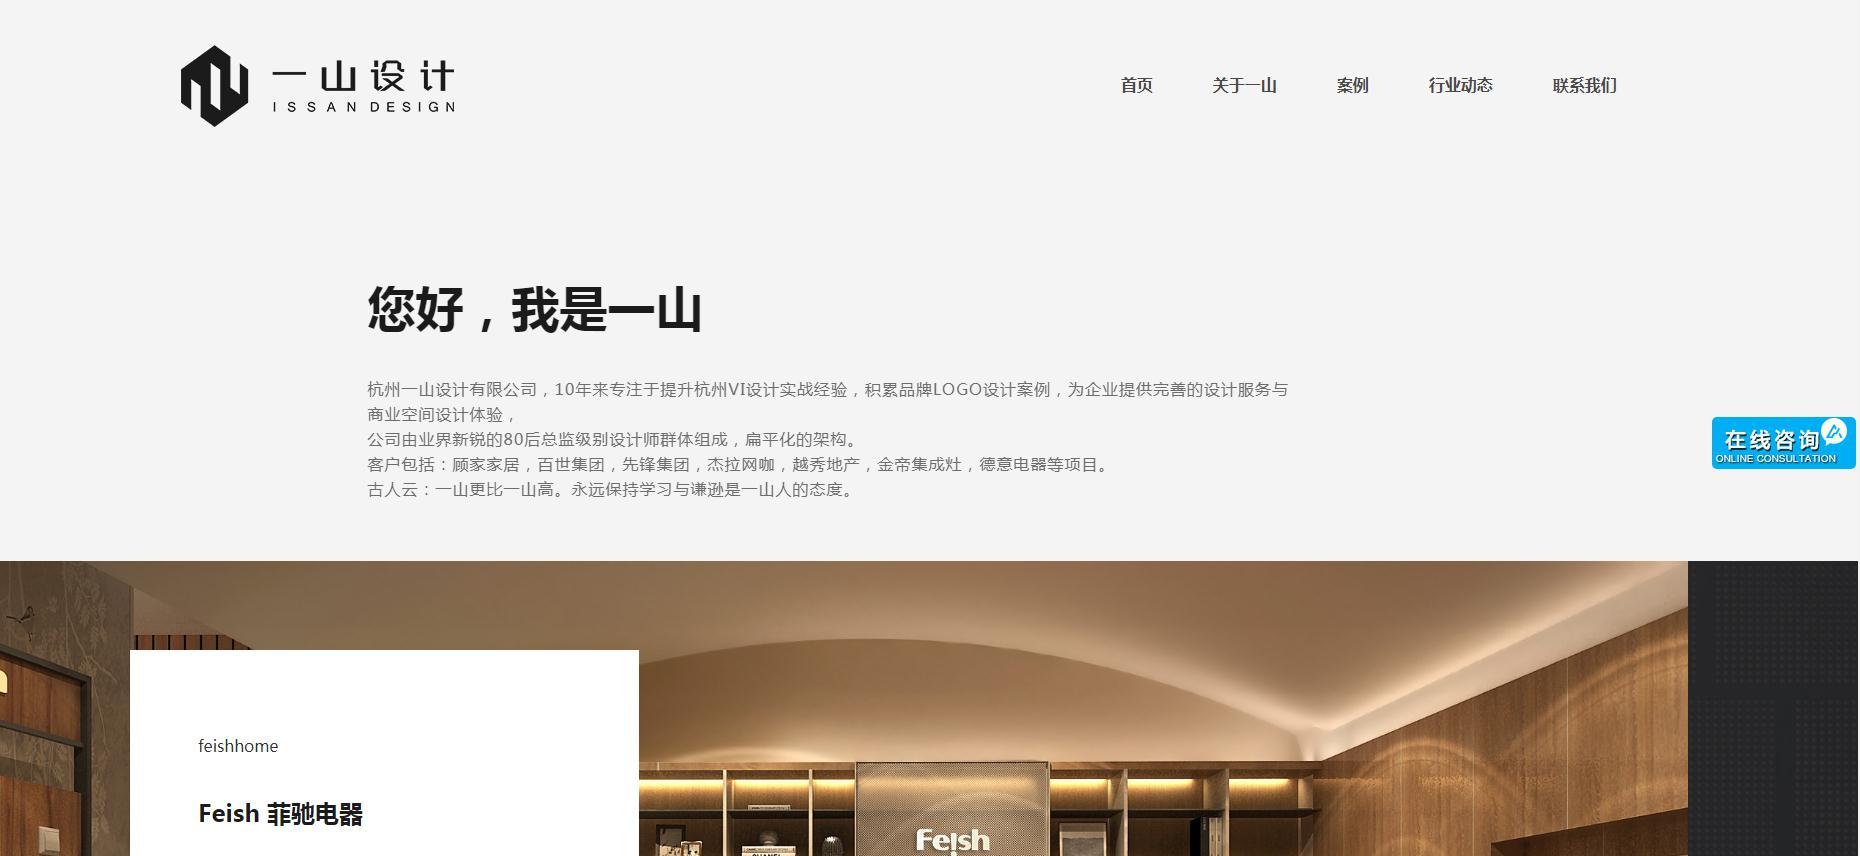 杭州一山设计